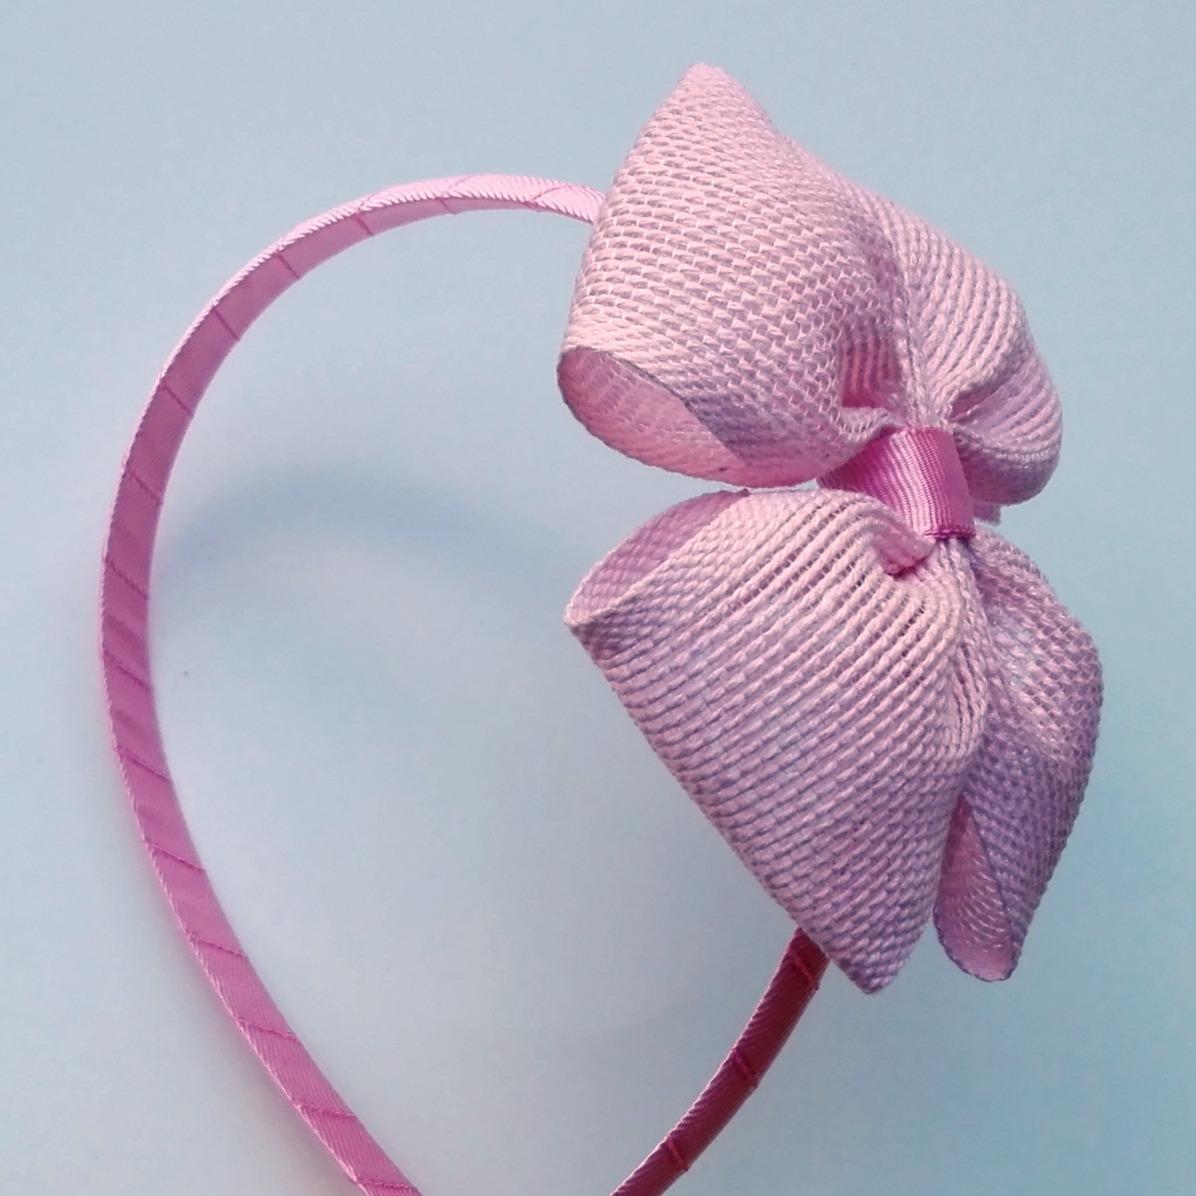 seco Premedicación Eliminación  diadema lazo rafia rosa